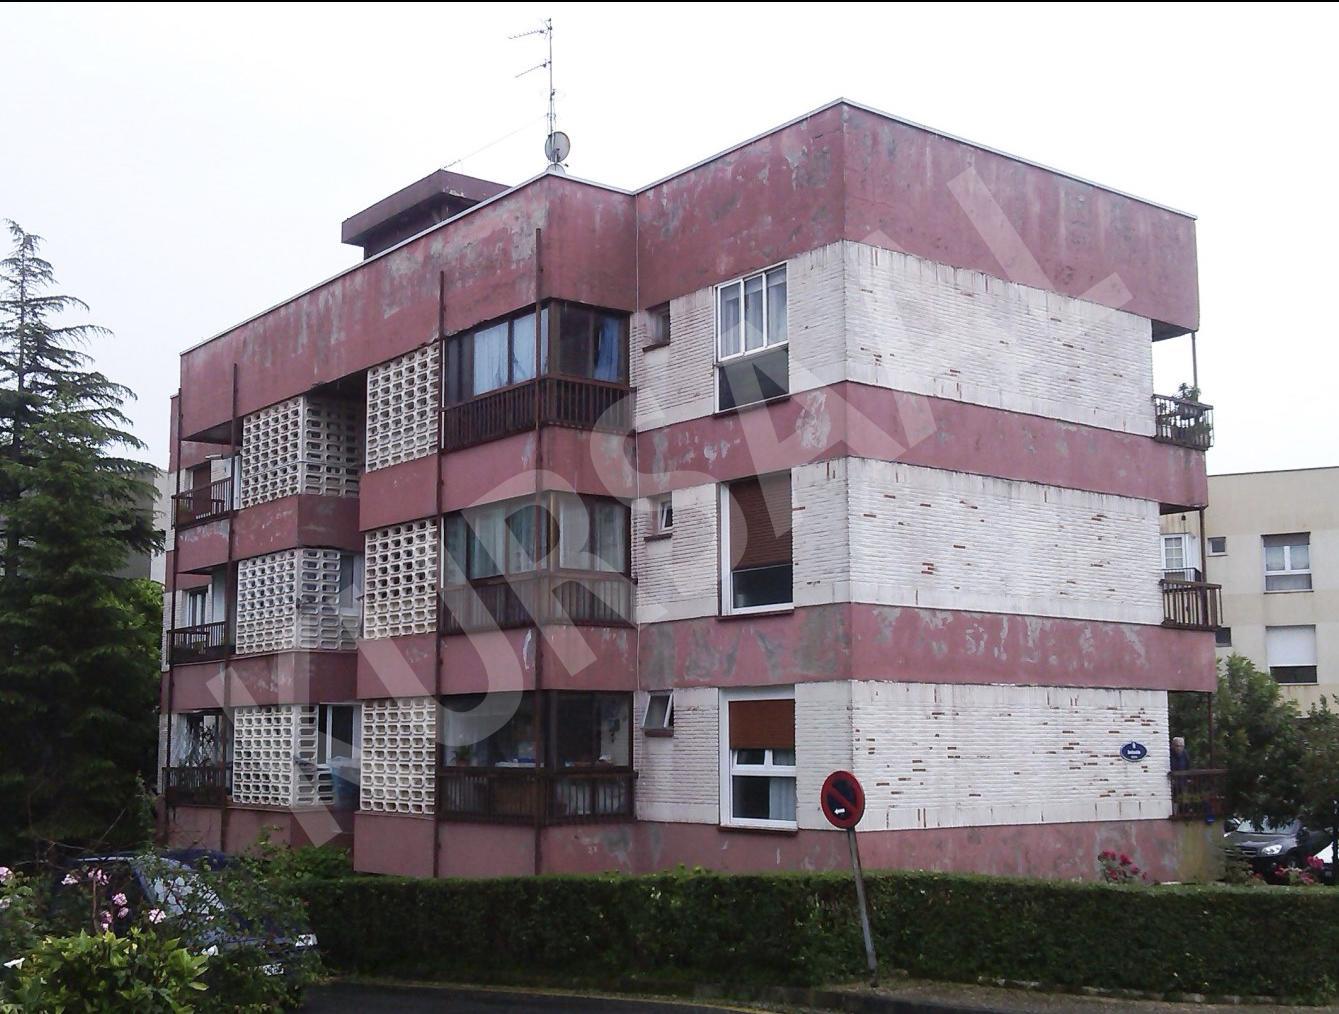 foto 1 - Aislamientos Térmicos y Eficiencia Energética-Belizalde 21-Donostia